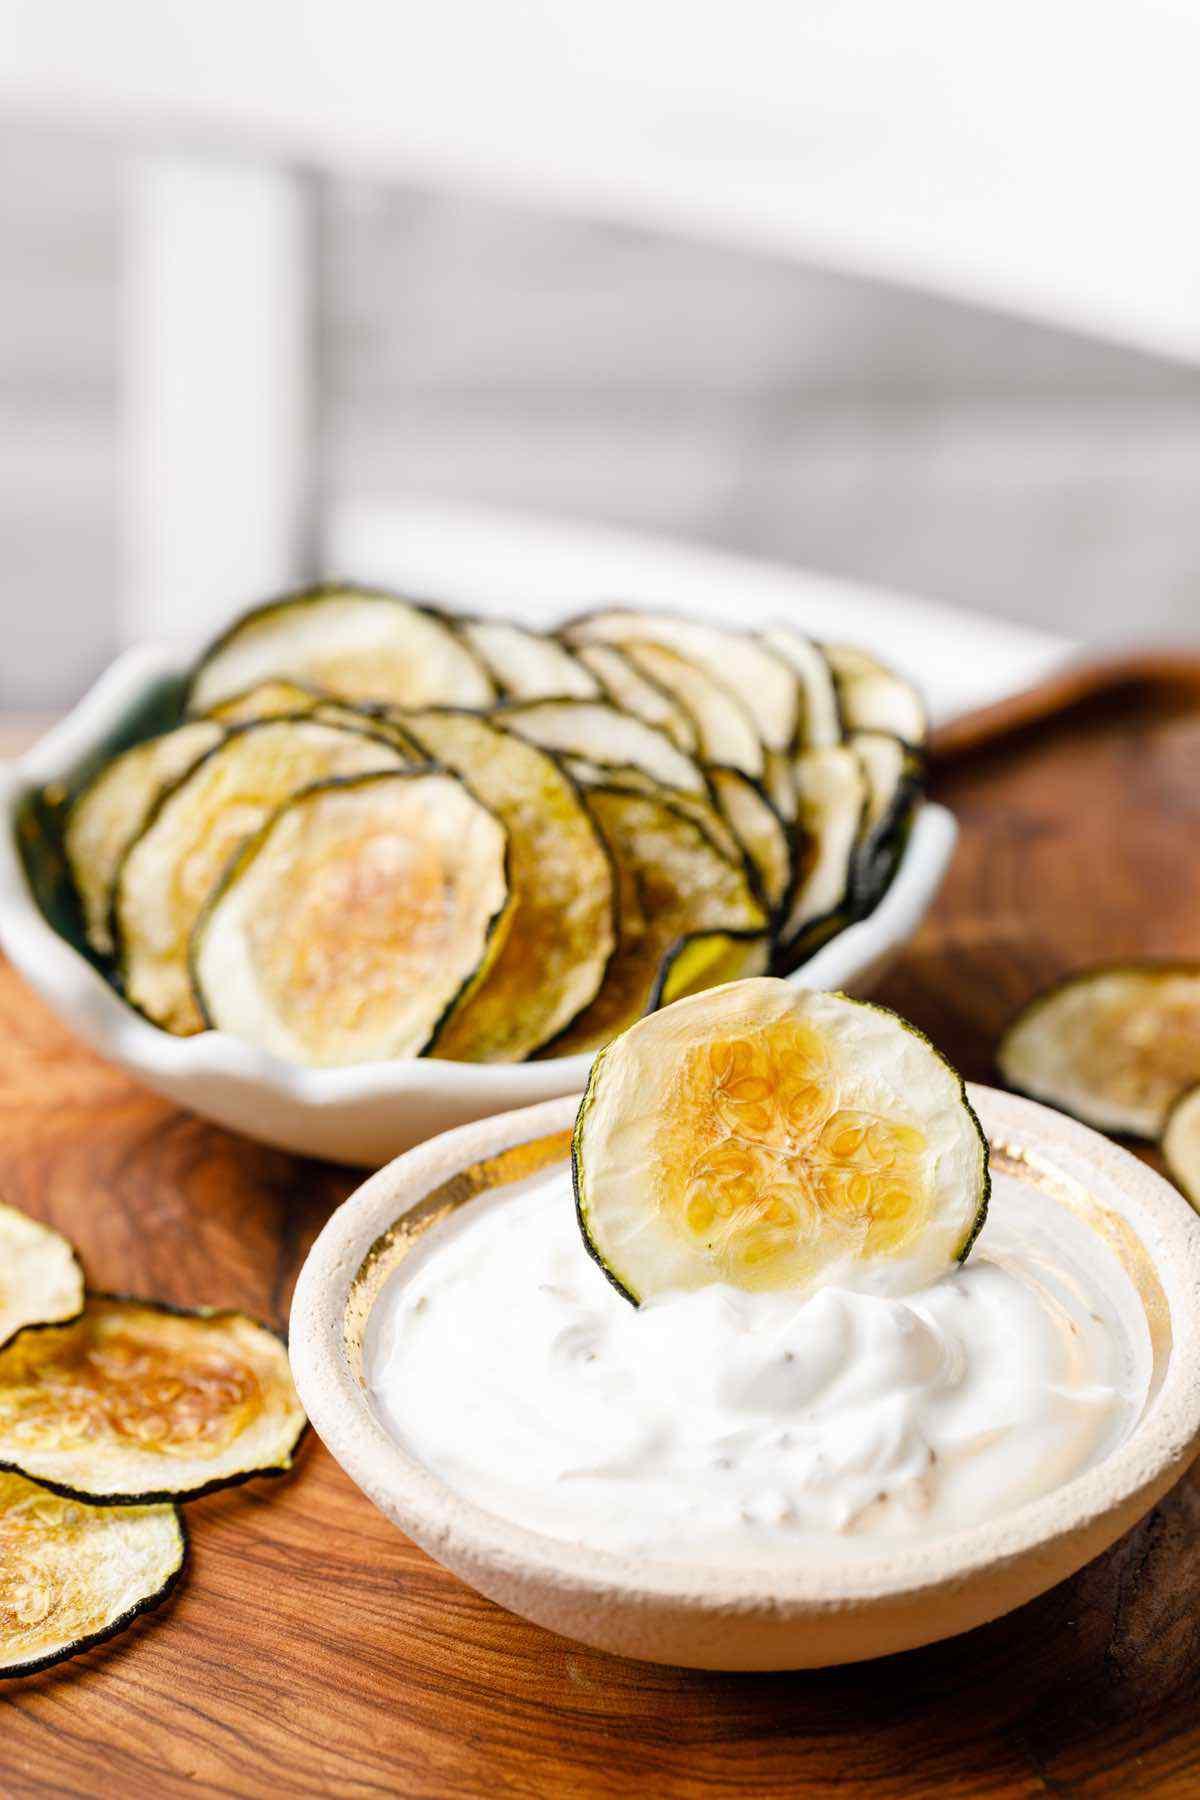 Homemade Keto Zucchini Chips